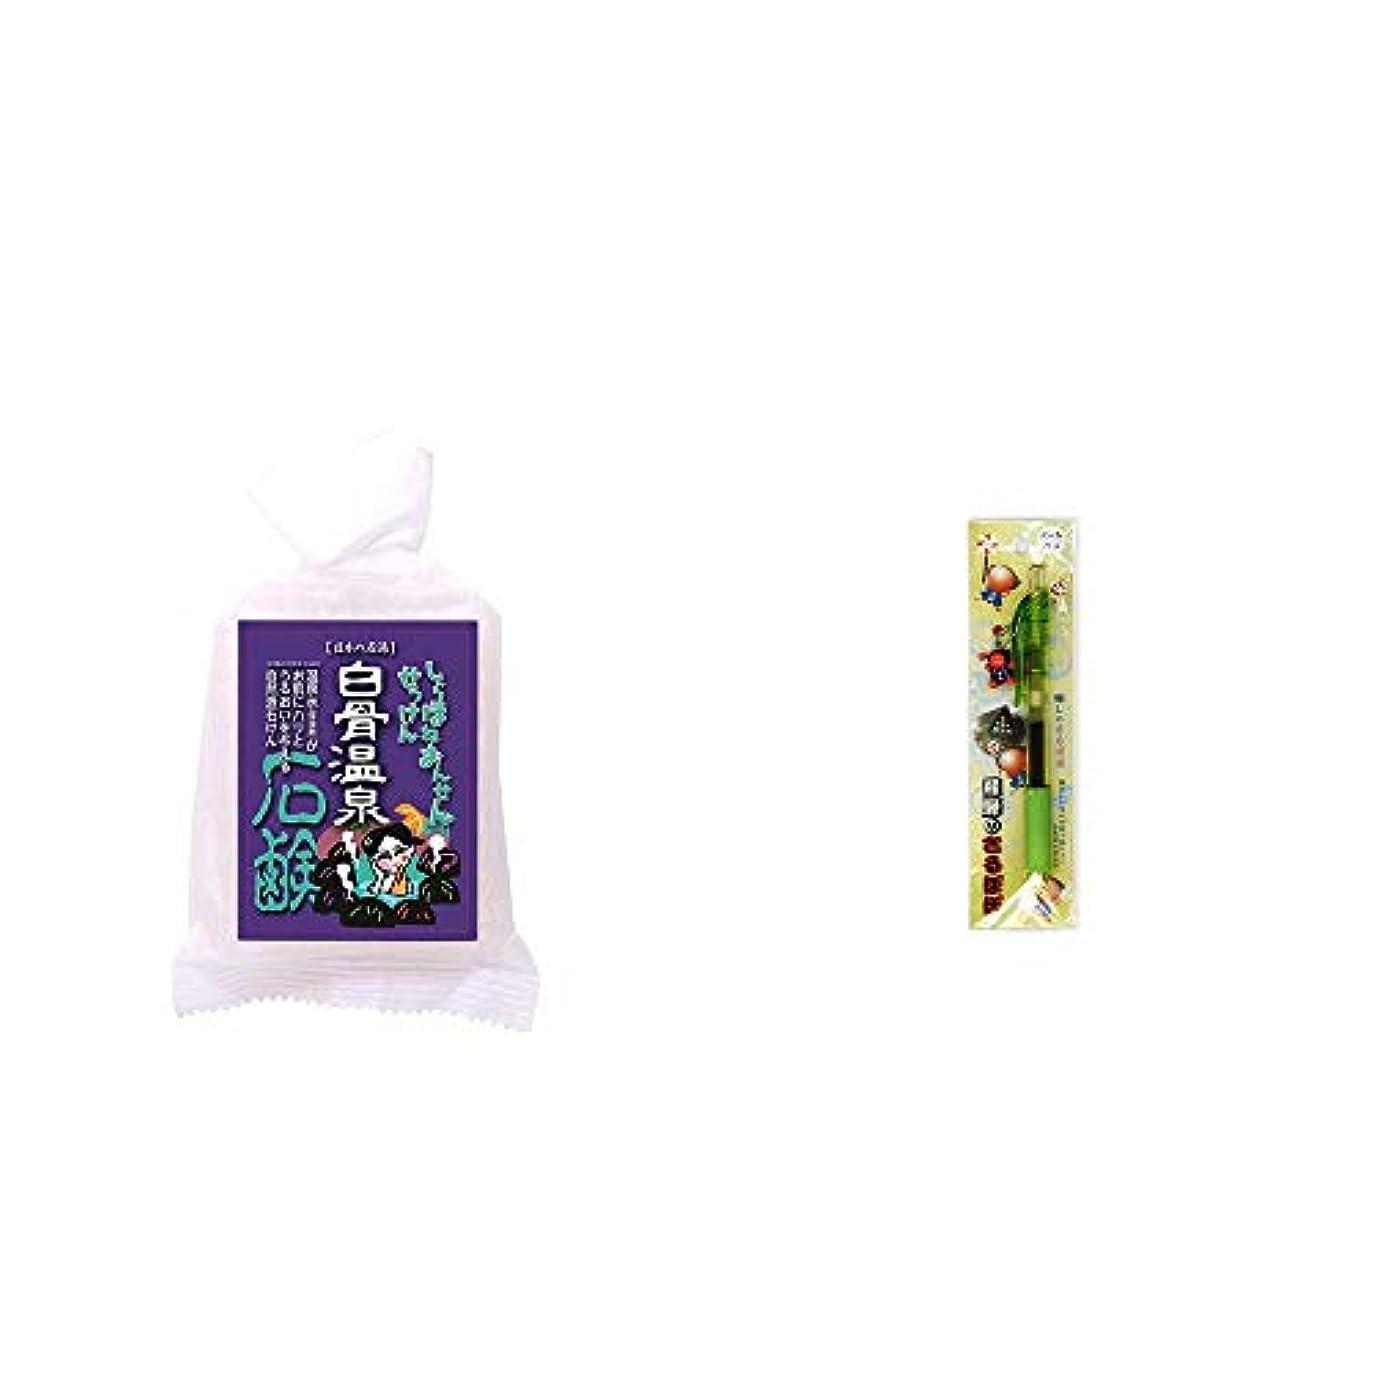 神学校にやにやのヒープ[2点セット] 信州 白骨温泉石鹸(80g)?さるぼぼ 癒しボールペン 【グリーン】